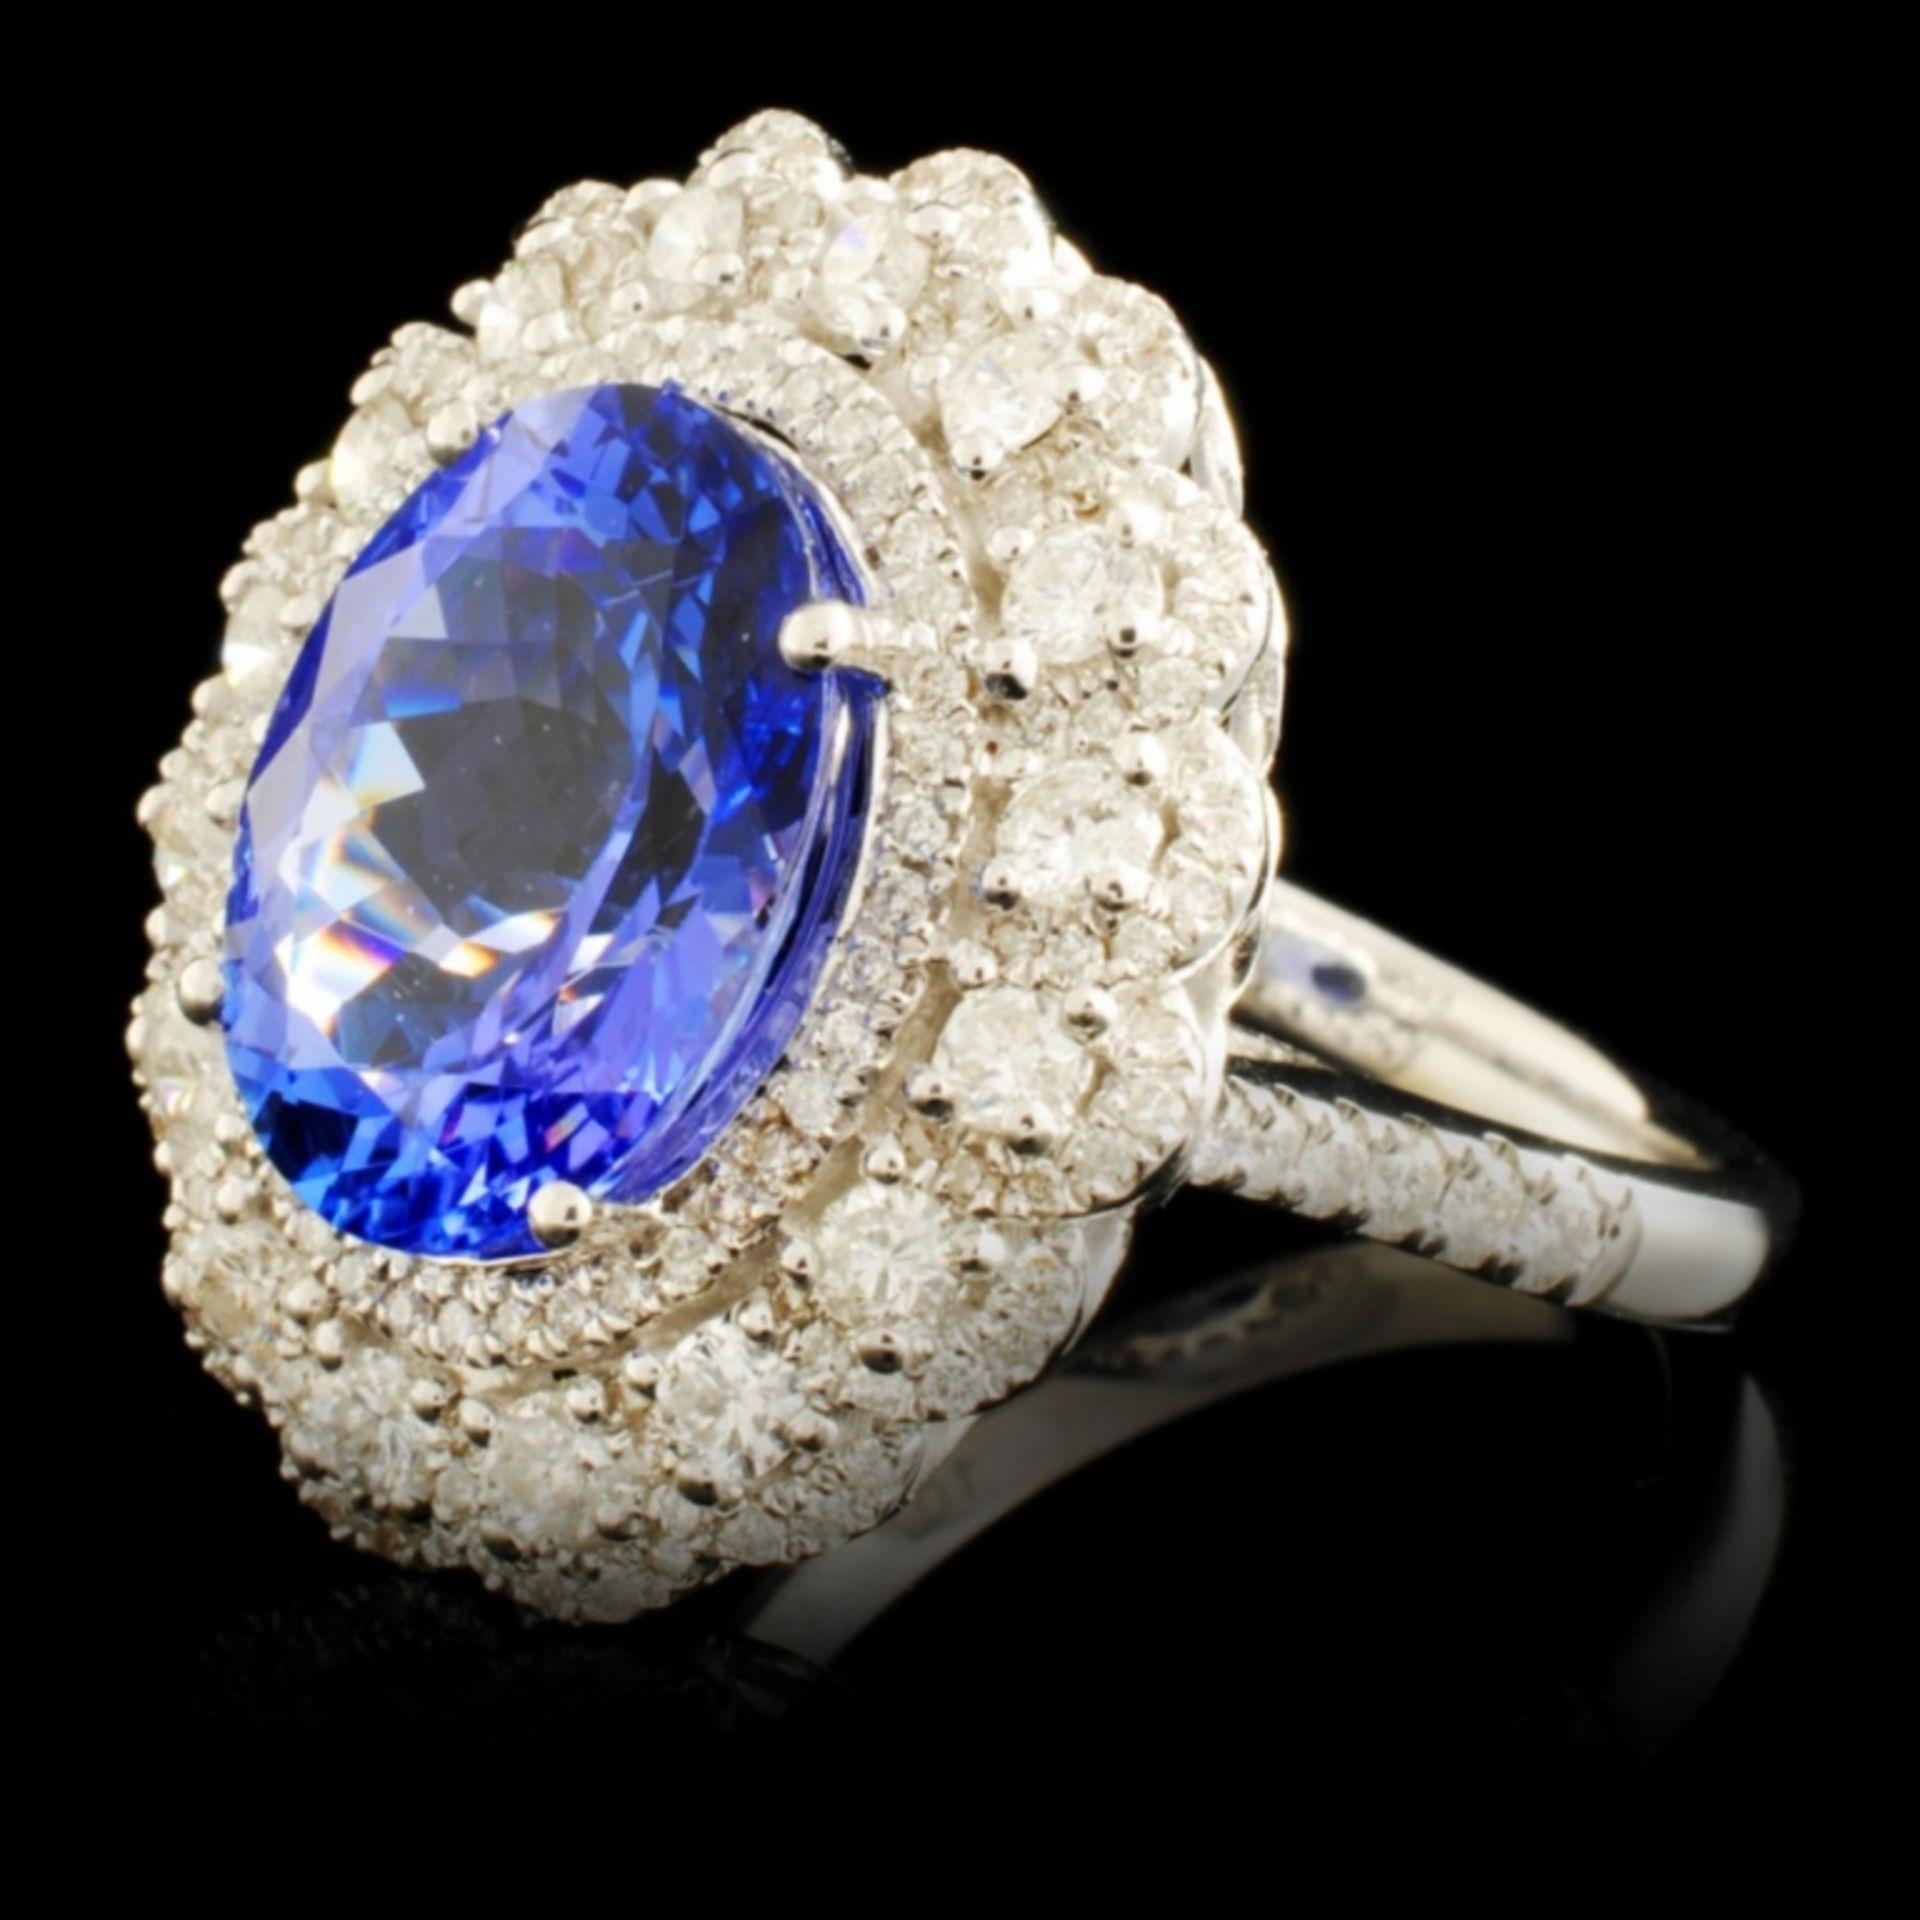 18K Gold 4.92ct Tanzanite & 1.07ctw Diamond Ring - Image 2 of 5